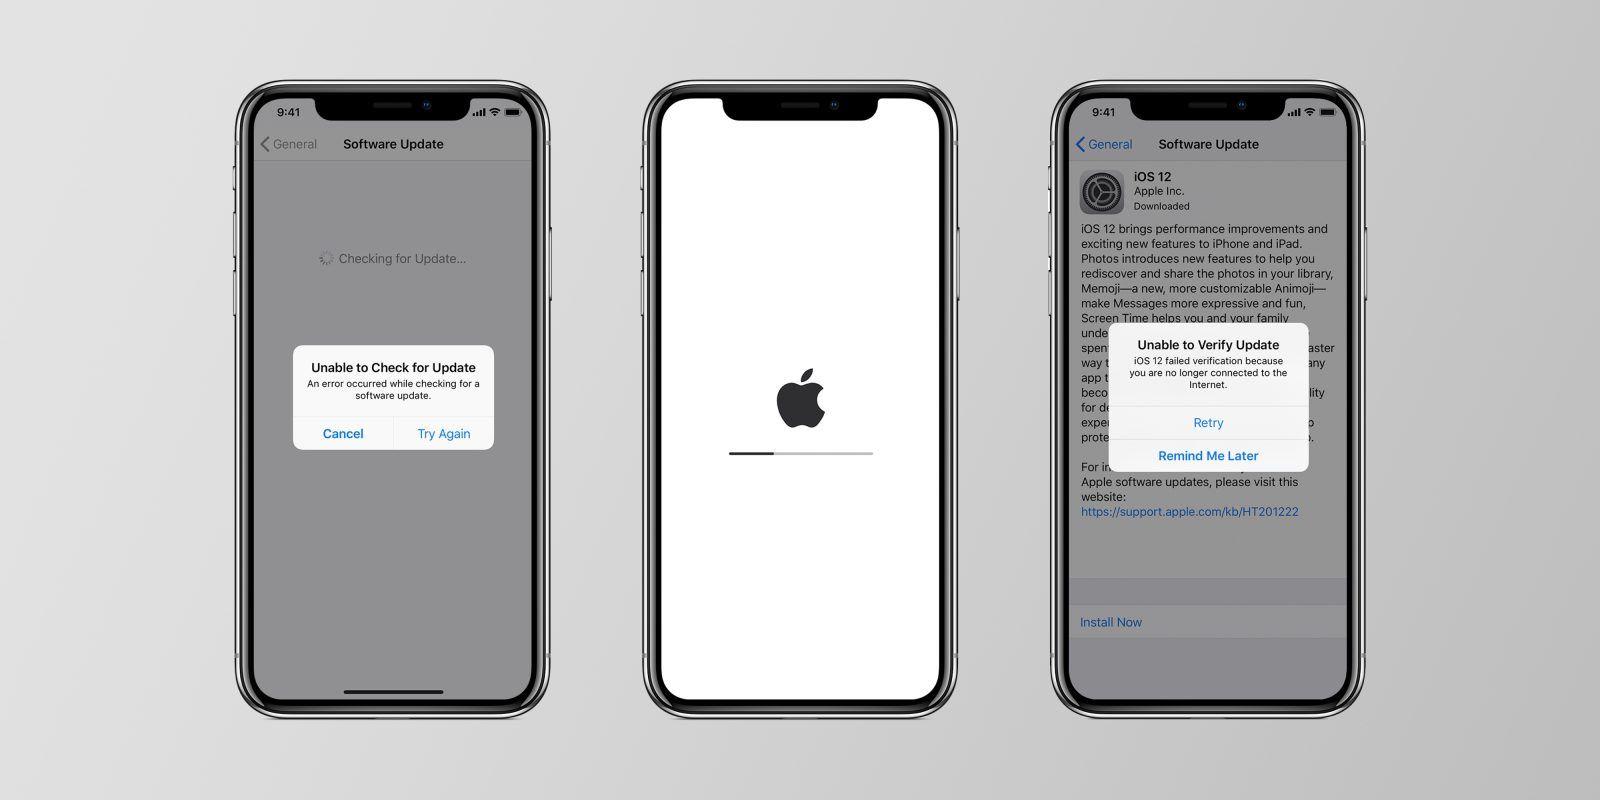 Niemiecki rząd chce, aby Apple oferowało aktualizacje do iPhone'a przez 7 lat